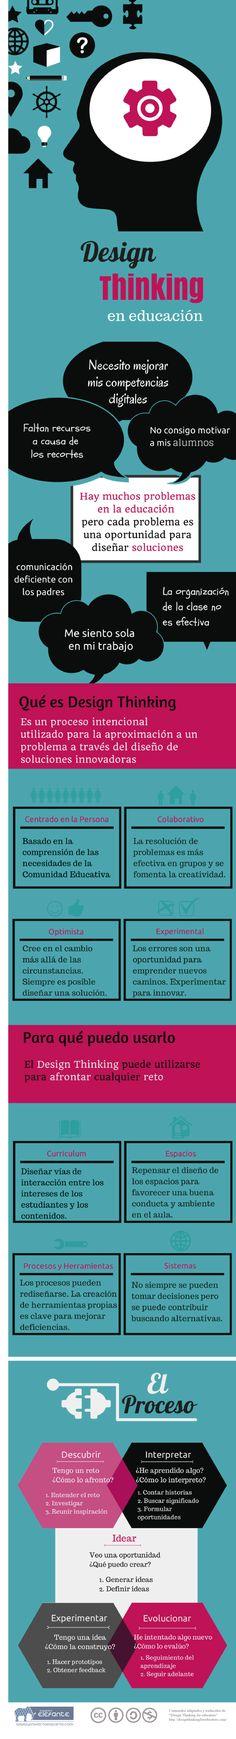 Design Thinking para la #educación #infografía